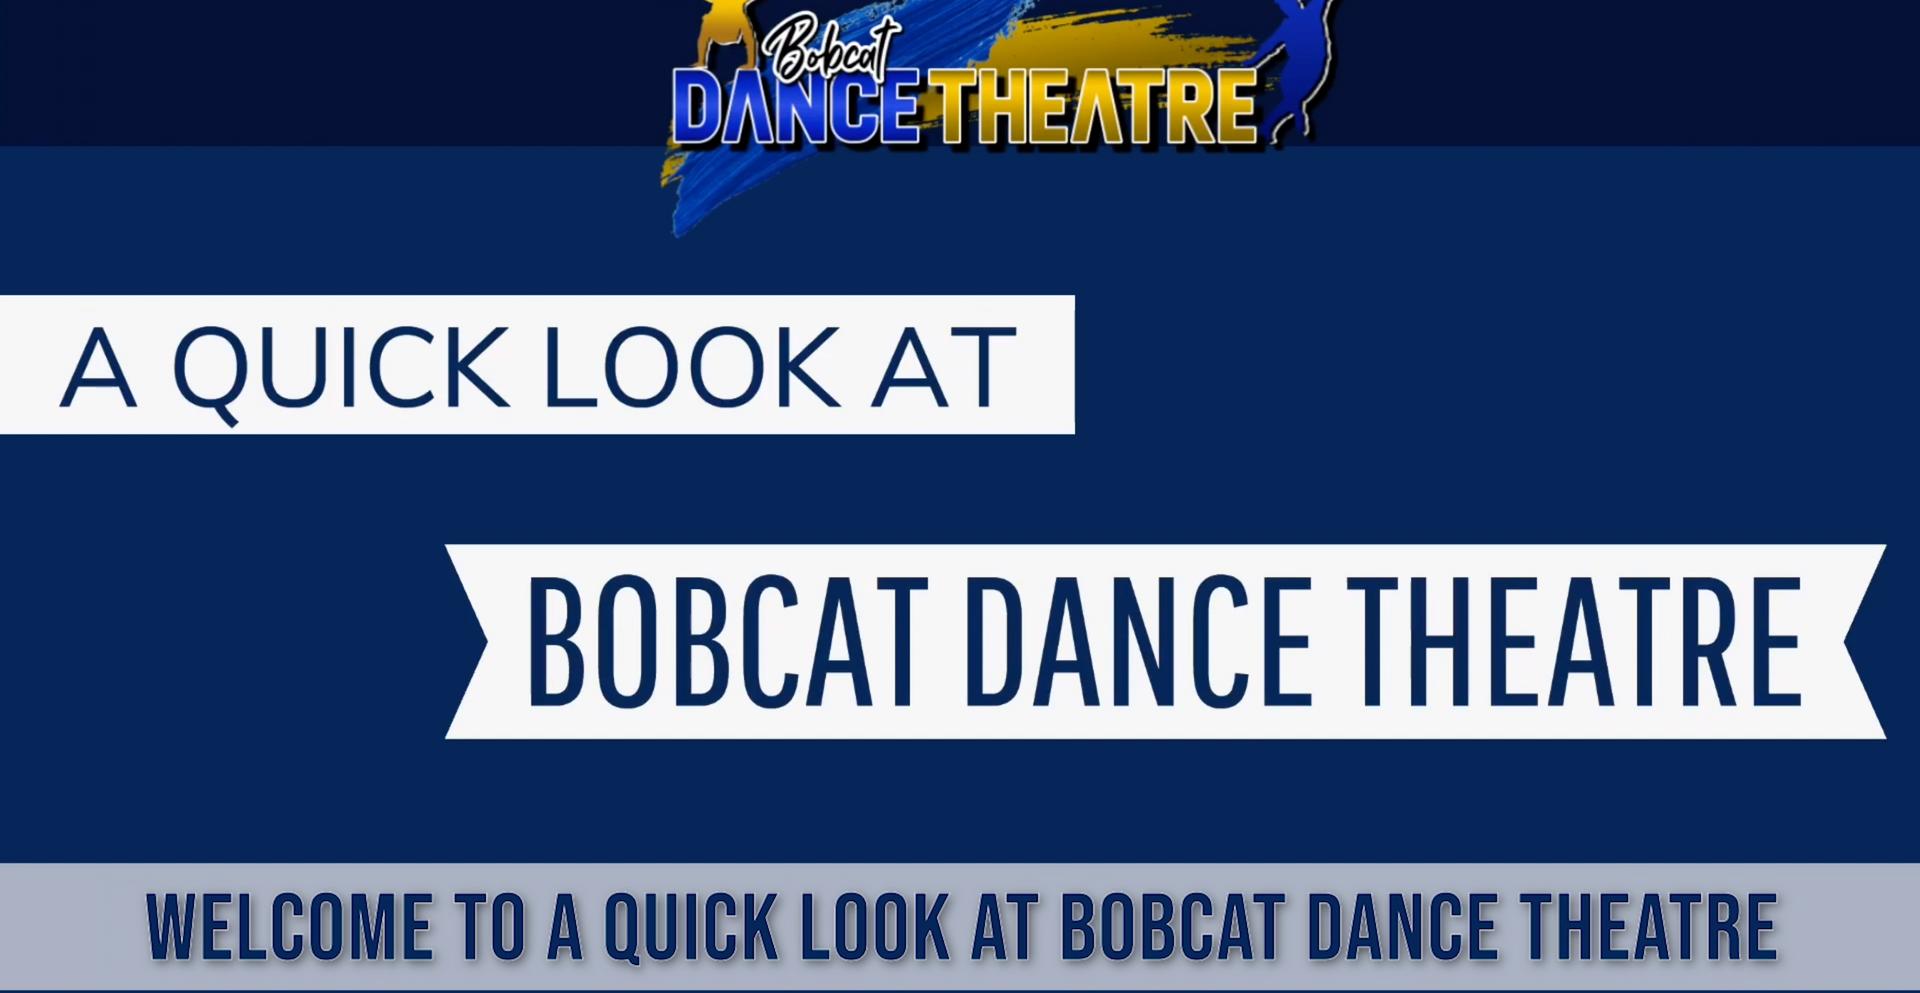 A QUICK LOOK AT BOBCAT DANCE THEATRE